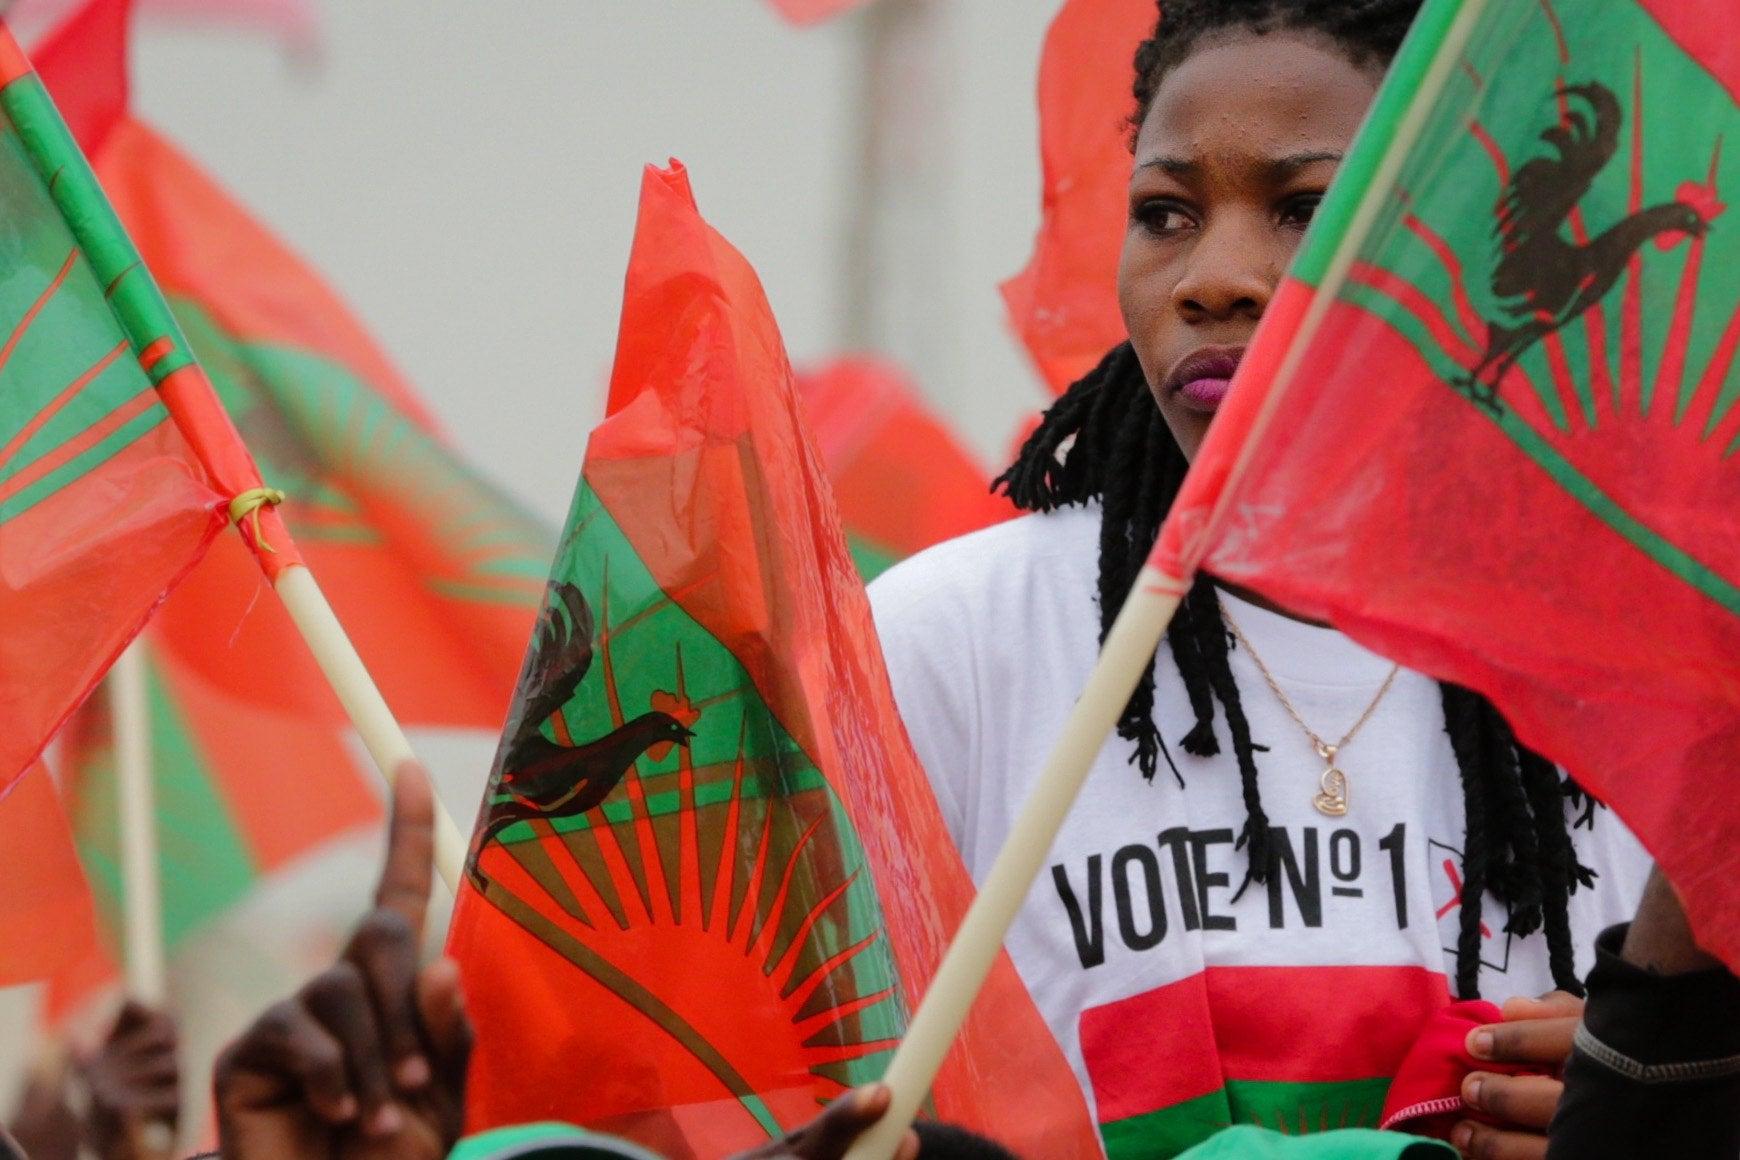 Deputados do PSD e PS integram missão de observação — Eleições em Angola